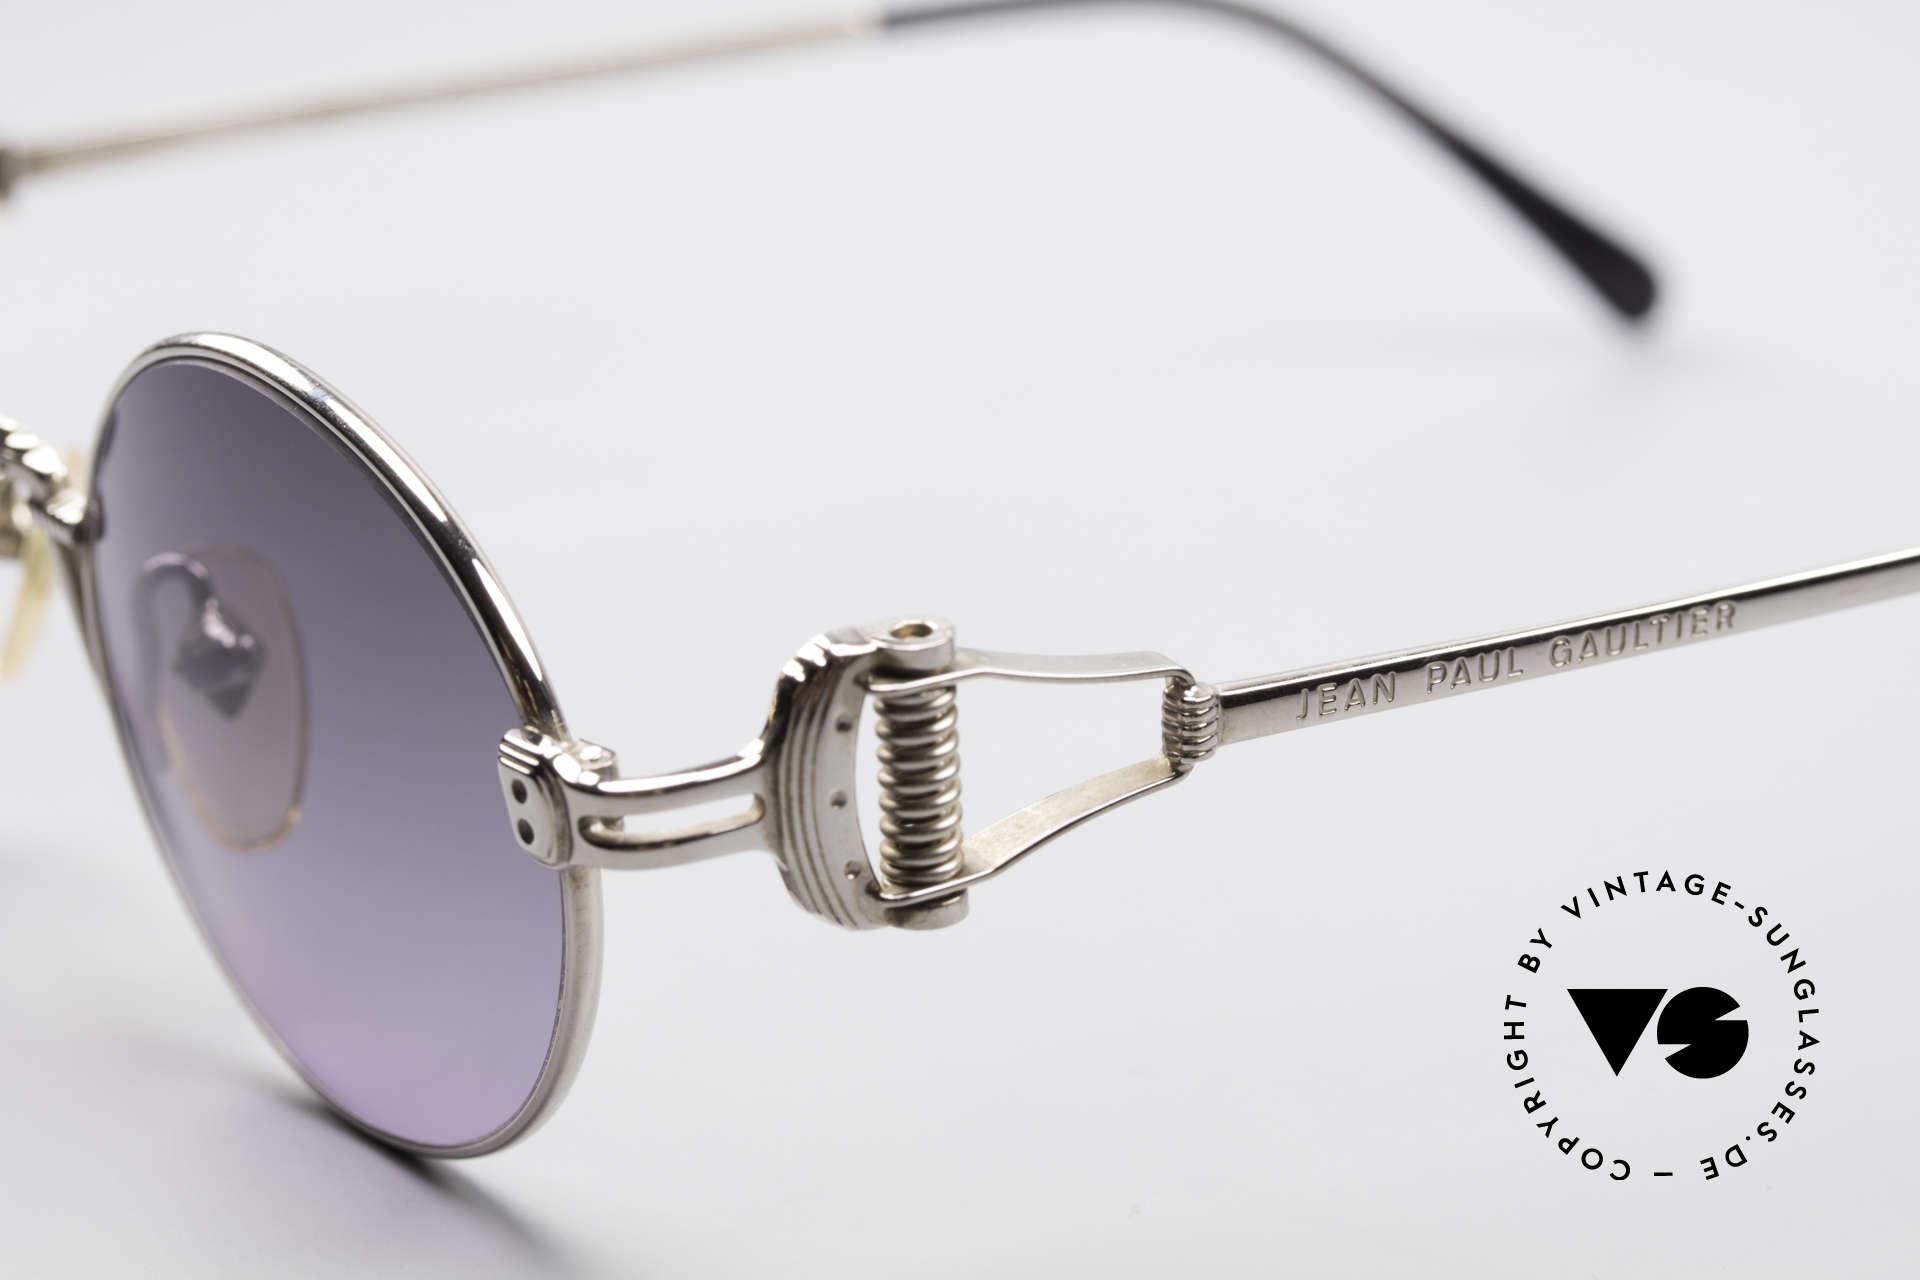 Jean Paul Gaultier 55-5106 Steampunk Sonnenbrille, nie getragen (wie alle unsere alten JPG Sonnenbrillen), Passend für Herren und Damen